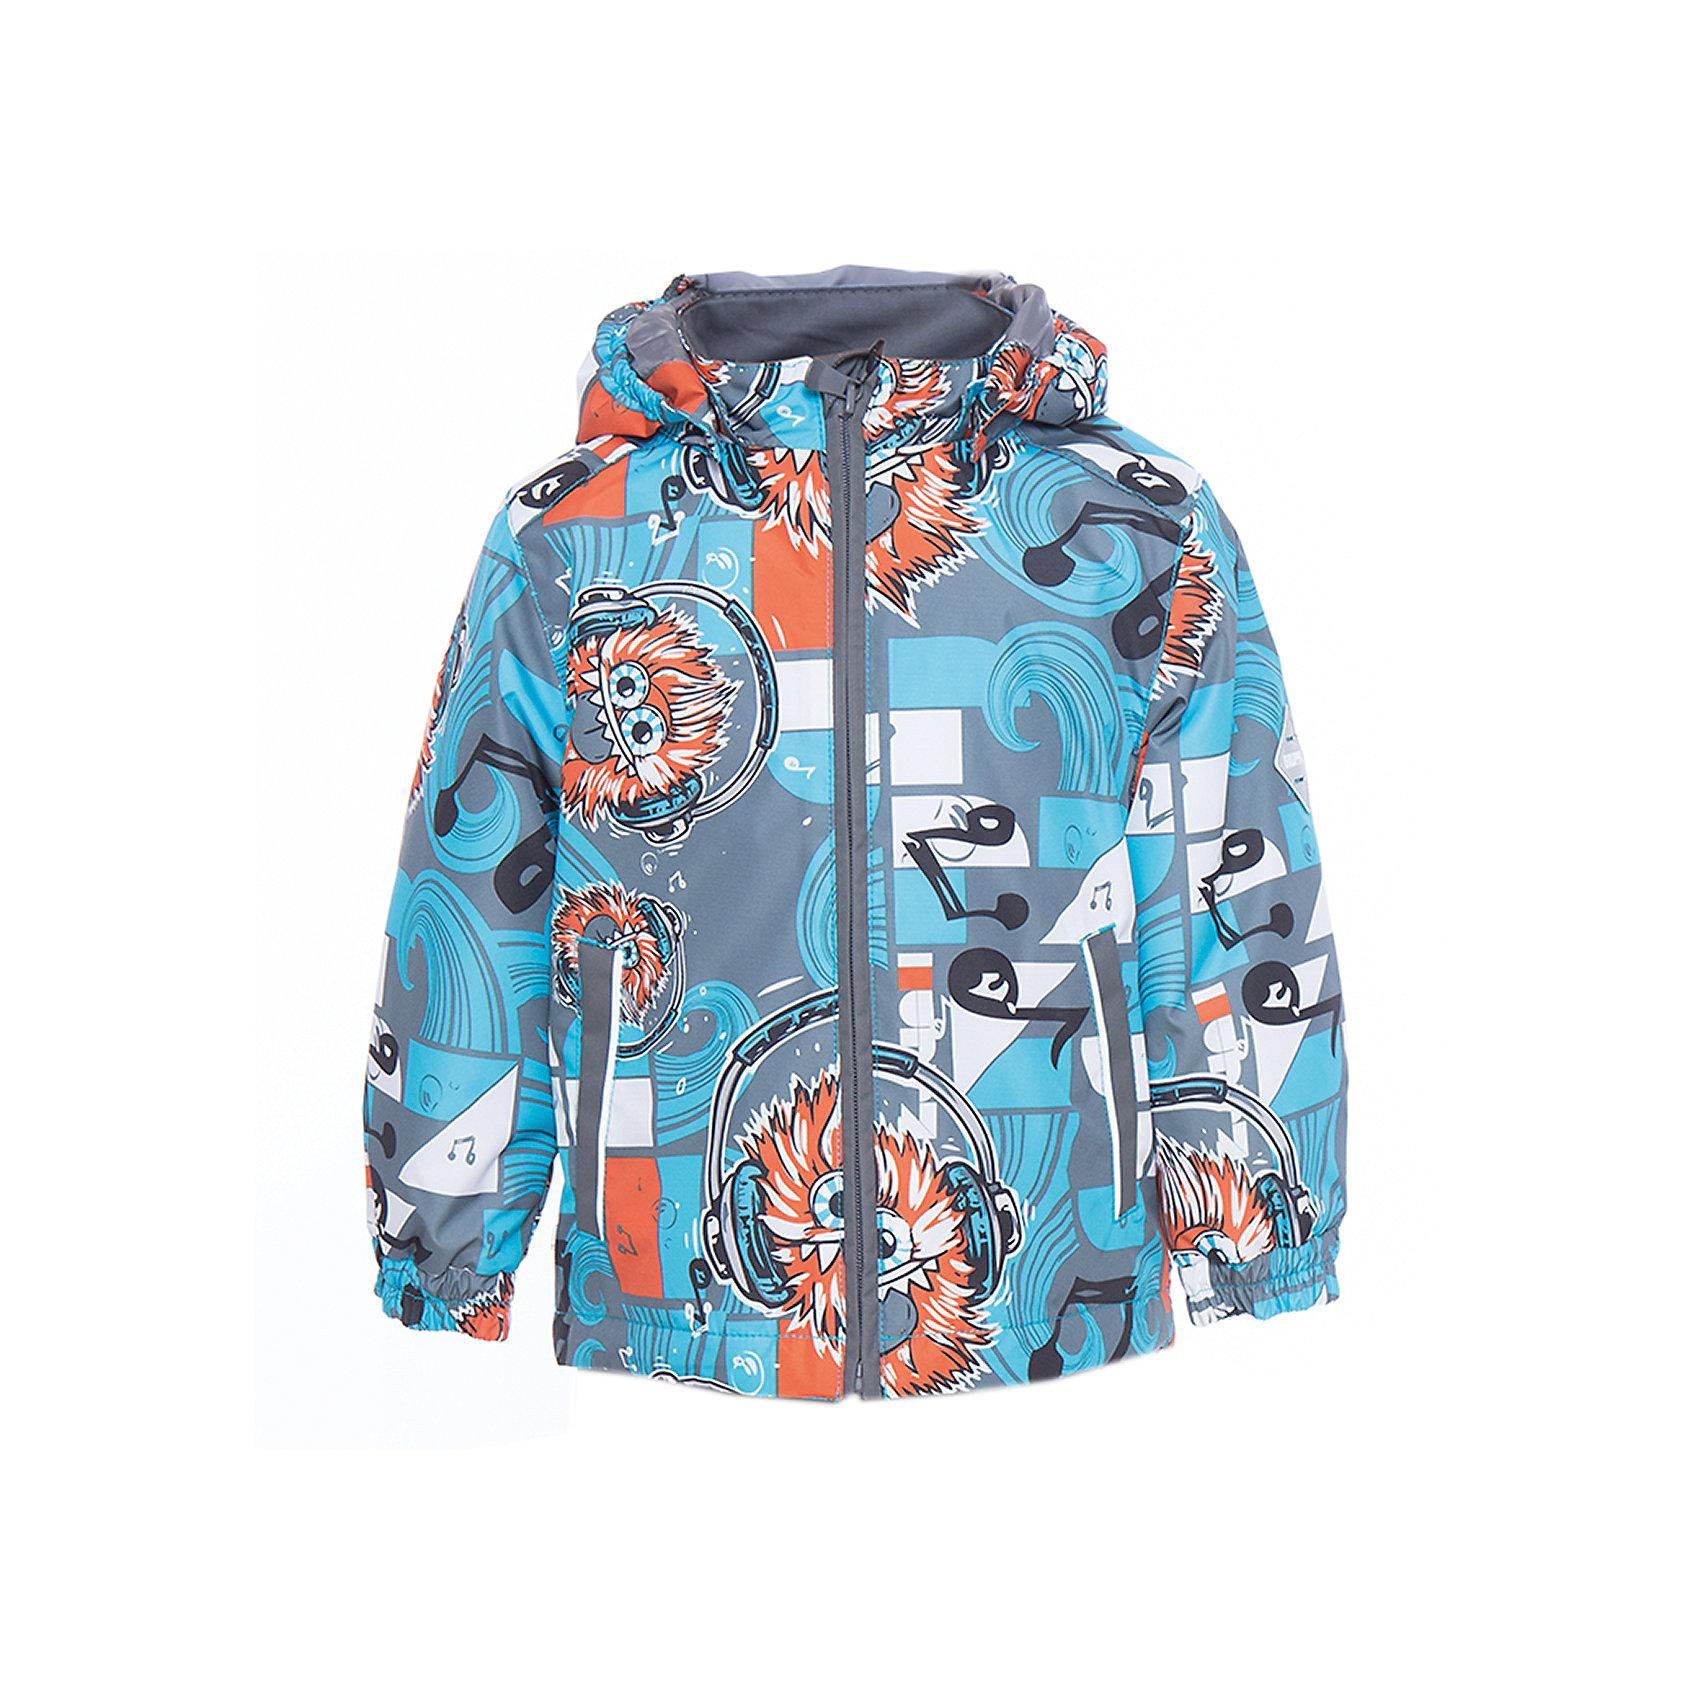 Куртка для мальчика BERTY HuppaВерхняя одежда<br>Характеристики товара:<br><br>• цвет: голубой принт<br>• ткань: 100% полиэстер<br>• подкладка: Coral-fleece, смесь хлопка и полиэстера, в рукавах тафат - 100% полиэстер<br>• утеплитель: 100% полиэстер 100 г<br>• температурный режим: от -5°С до +10°С<br>• водонепроницаемость: 10000 мм<br>• воздухопроницаемость: 10000 мм<br>• светоотражающие детали<br>• эластичные манжеты<br>• эластичный шнурок + фиксатор<br>• защита подбородка<br>• съёмный капюшон с резинкой<br>• комфортная посадка<br>• коллекция: весна-лето 2017<br>• страна бренда: Эстония<br><br>Такая легкая и стильная куртка обеспечит детям тепло и комфорт. Она сделана из материала, отталкивающего воду, и дополнено подкладкой с утеплителем, поэтому изделие идеально подходит для межсезонья. Материал изделия - с мембранной технологией: защищая от влаги и ветра, он легко выводит лишнюю влагу наружу. Для удобства сделан капюшон. Куртка очень симпатично смотрится, яркая расцветка и крой добавляют ему оригинальности. Модель была разработана специально для детей.<br><br>Одежда и обувь от популярного эстонского бренда Huppa - отличный вариант одеть ребенка можно и комфортно. Вещи, выпускаемые компанией, качественные, продуманные и очень удобные. Для производства изделий используются только безопасные для детей материалы. Продукция от Huppa порадует и детей, и их родителей!<br><br>Куртку для мальчика BERTY от бренда Huppa (Хуппа) можно купить в нашем интернет-магазине.<br><br>Ширина мм: 356<br>Глубина мм: 10<br>Высота мм: 245<br>Вес г: 519<br>Цвет: голубой<br>Возраст от месяцев: 48<br>Возраст до месяцев: 60<br>Пол: Мужской<br>Возраст: Детский<br>Размер: 110,80,86,92,98,104<br>SKU: 5346952